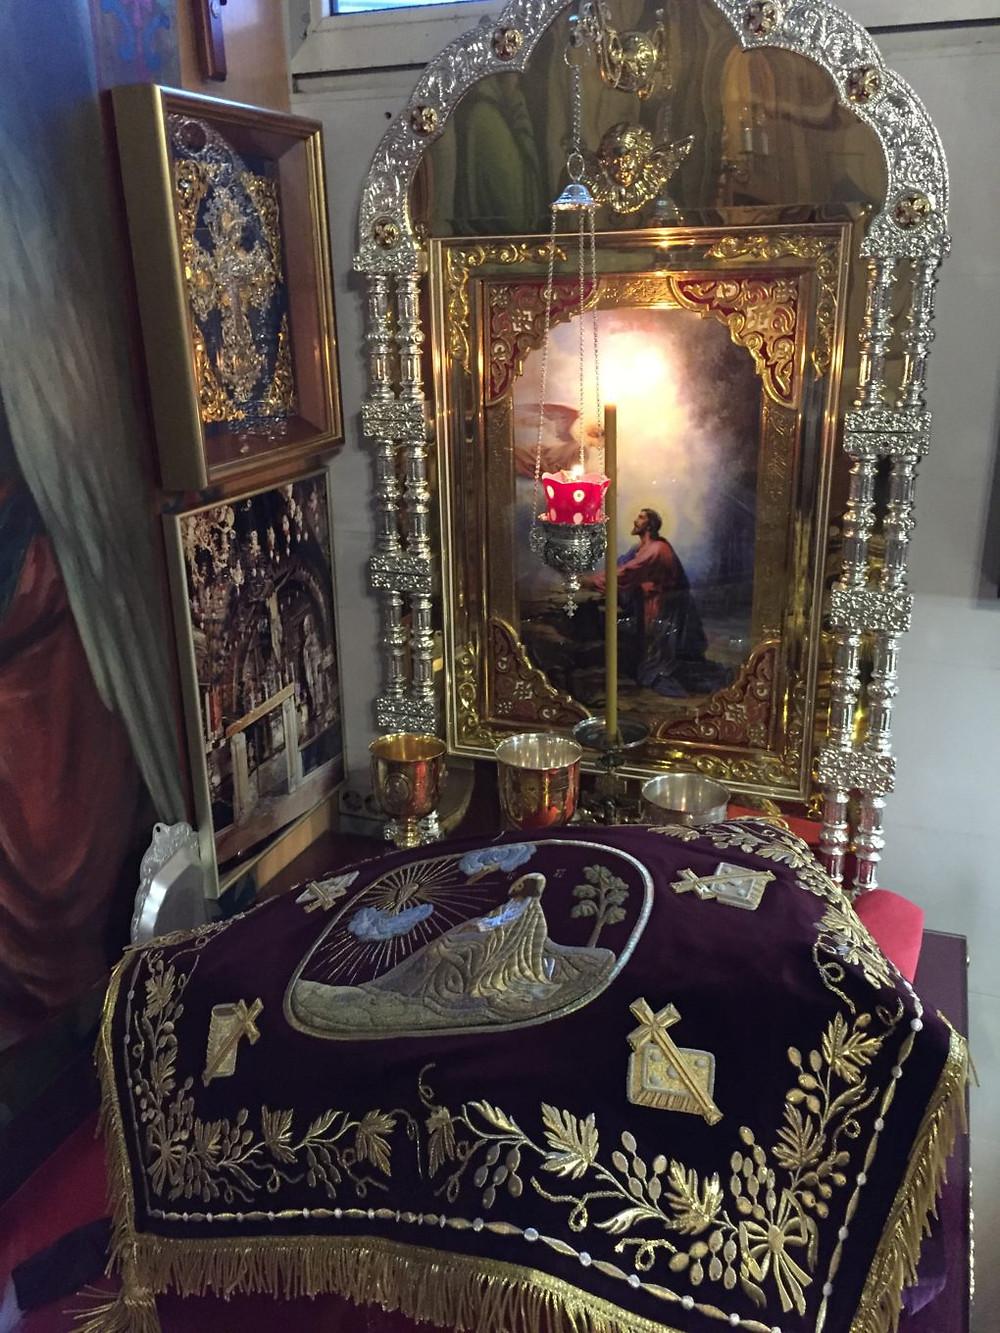 Церковная швейная мастерская Евфимия пошив священнических и монашеских облачений на заказ.